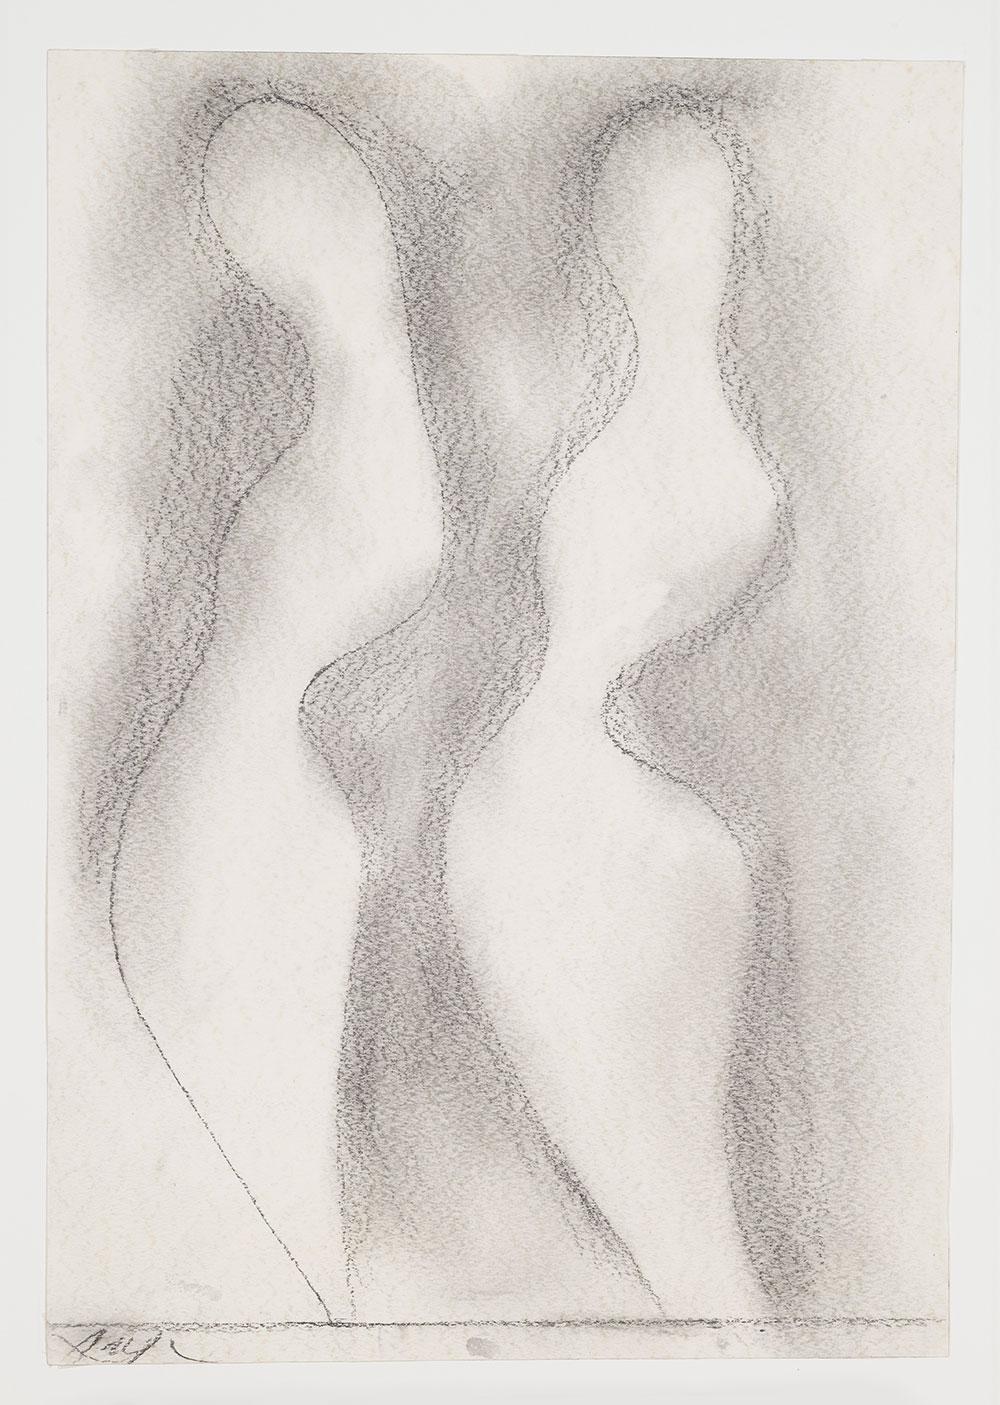 רישום לפסל, 1959 גרפיט על נייר אוסף ארתור ומדלן שאלט לג'ואה, שציוותה מדלן שאלט לג'ואה, ניו-יורק, לידידי מוזיאון ישראל בארה